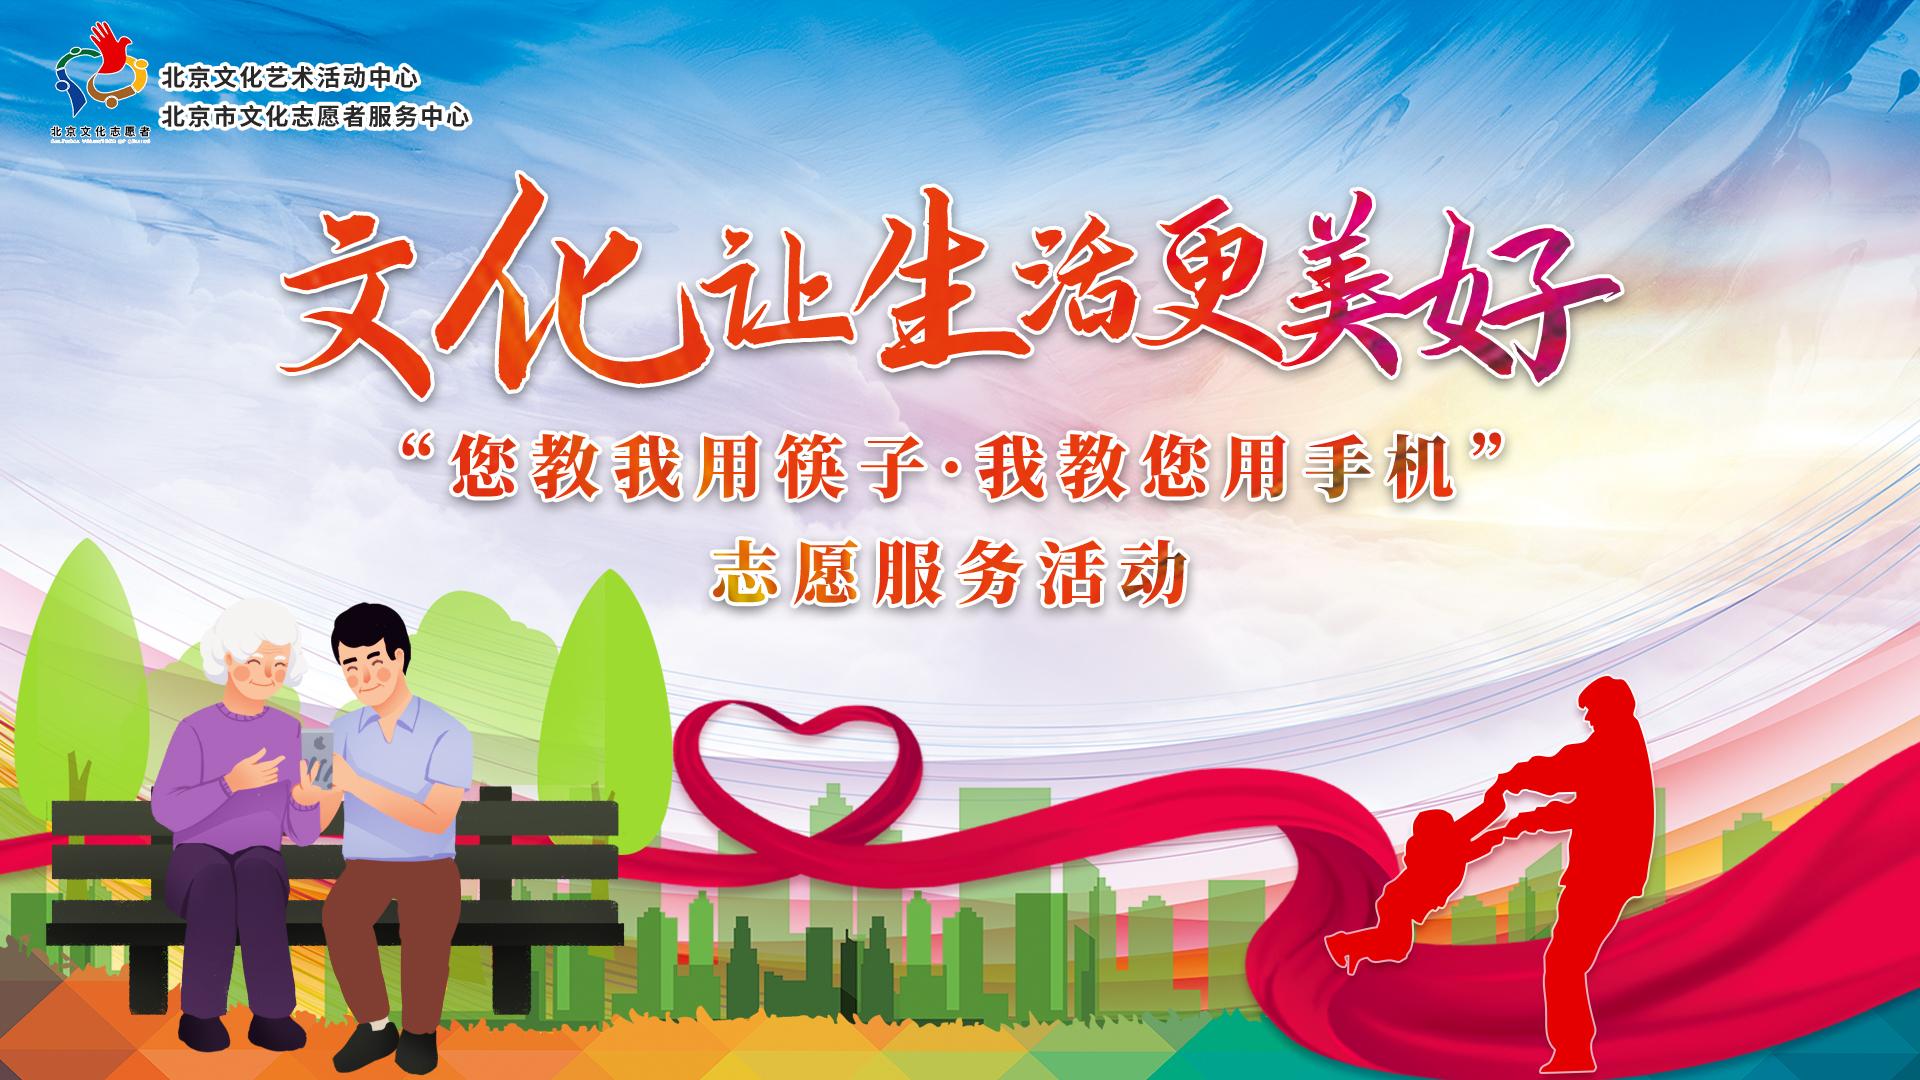 北京市智慧助老公益廣告之多渠道挂號篇